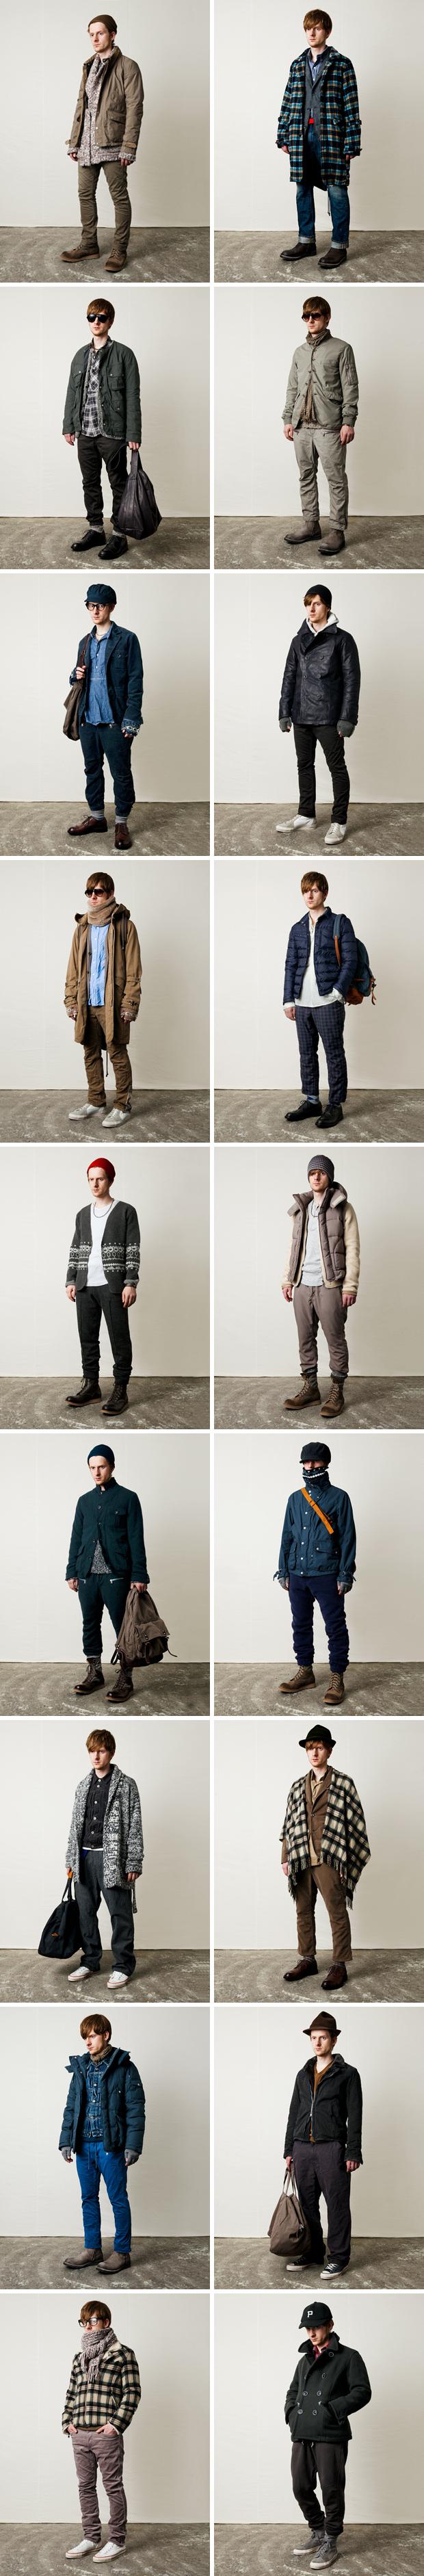 nonnative 2011 fallwinter collection